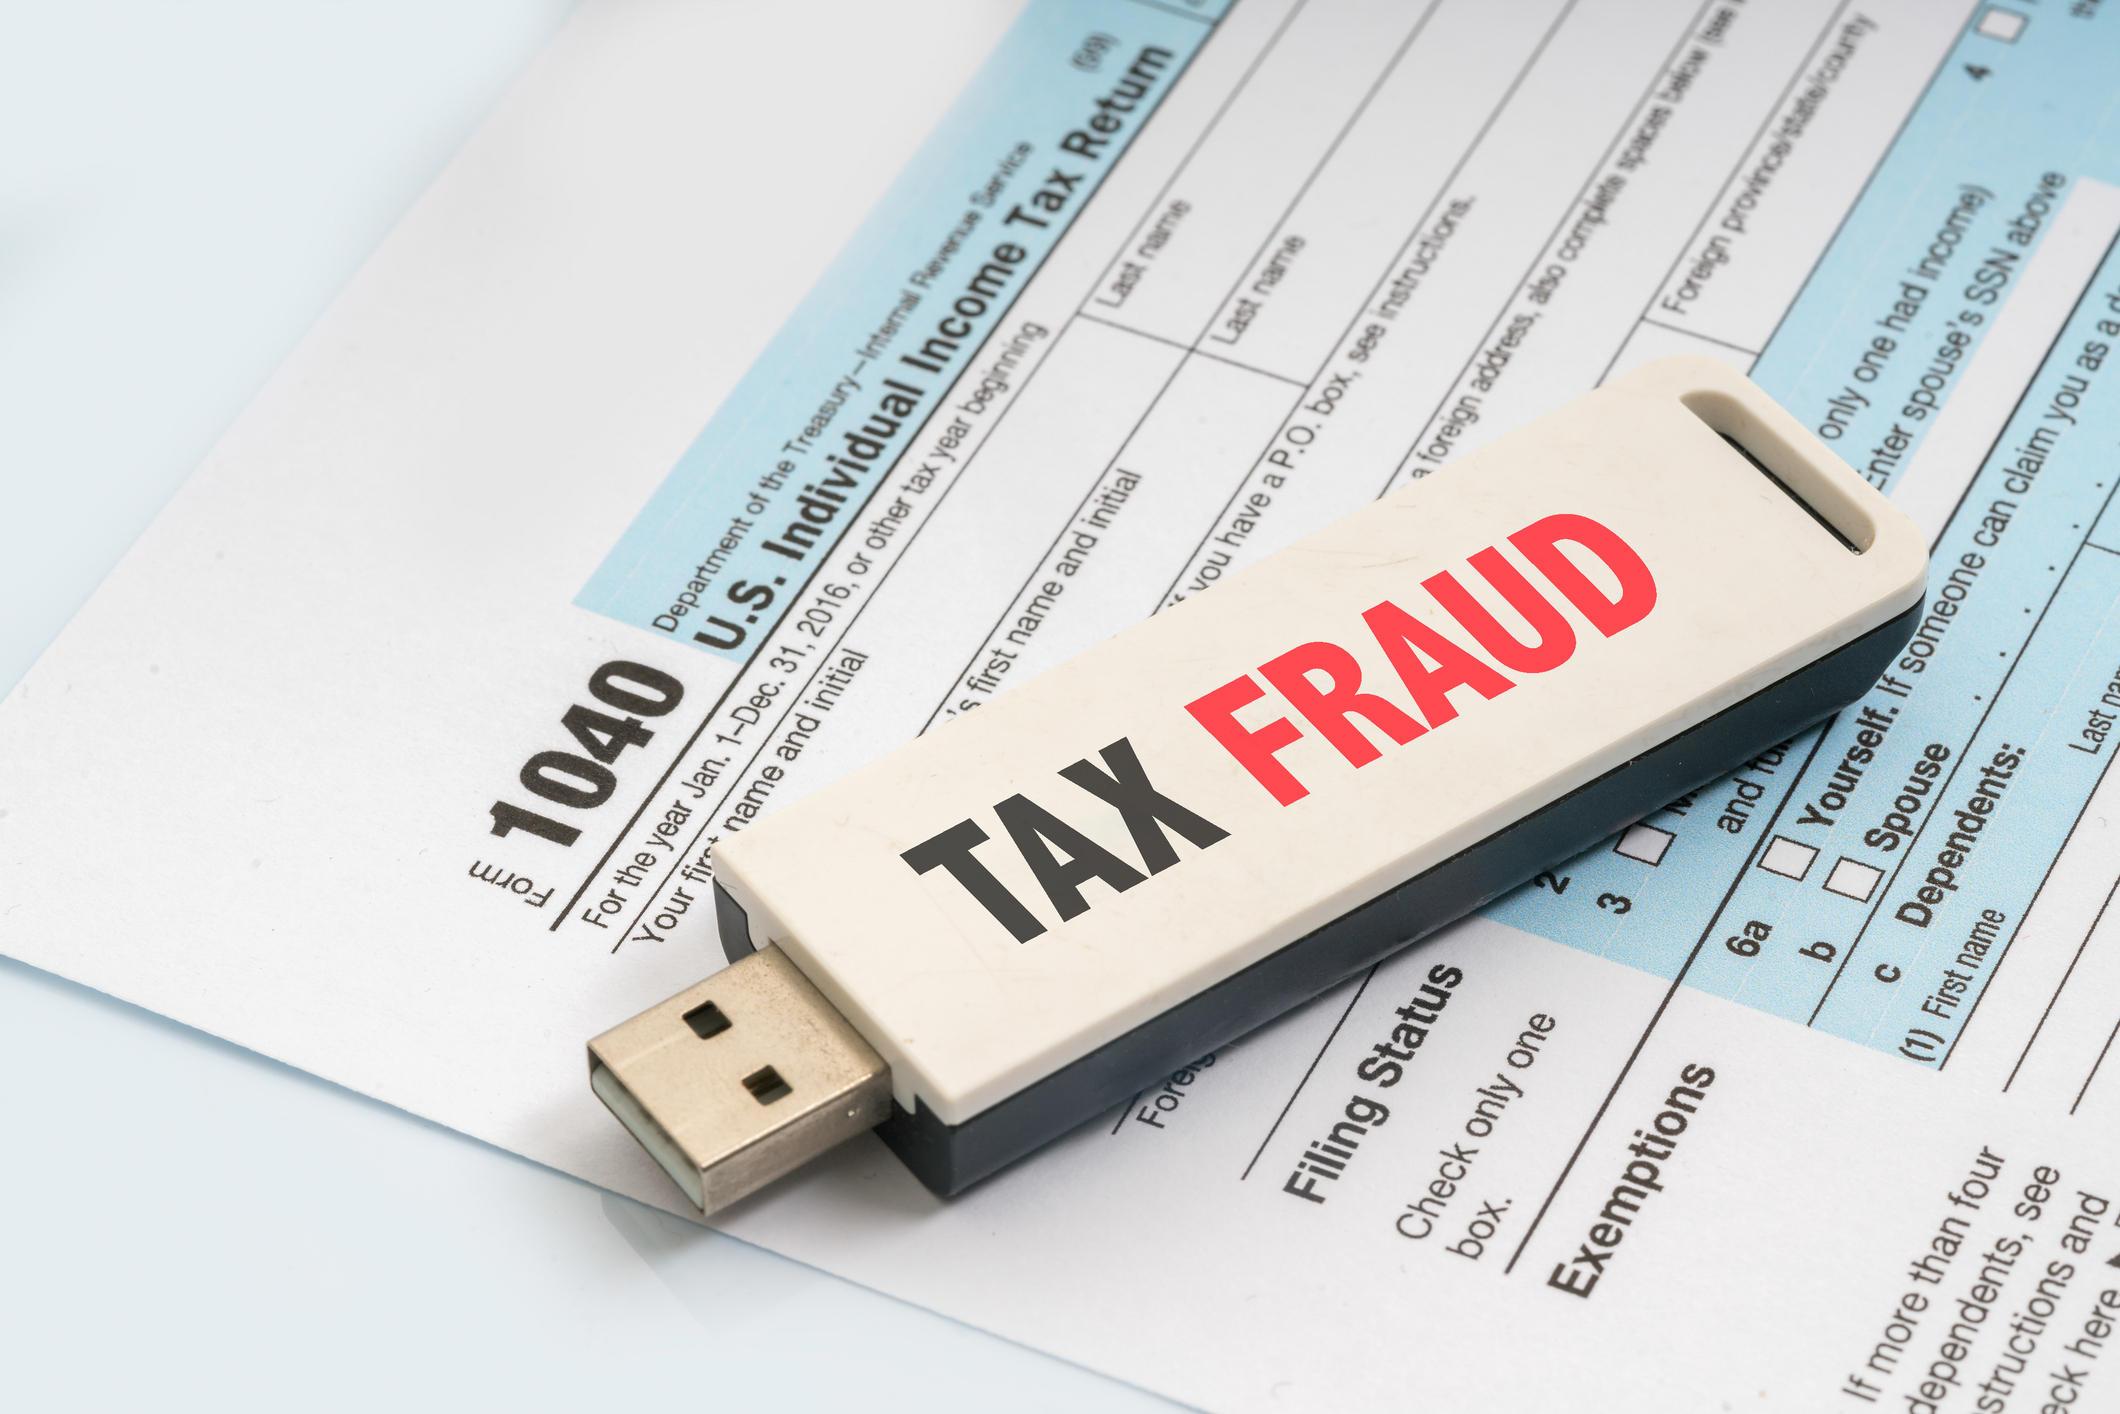 My tax preparer stole my refund